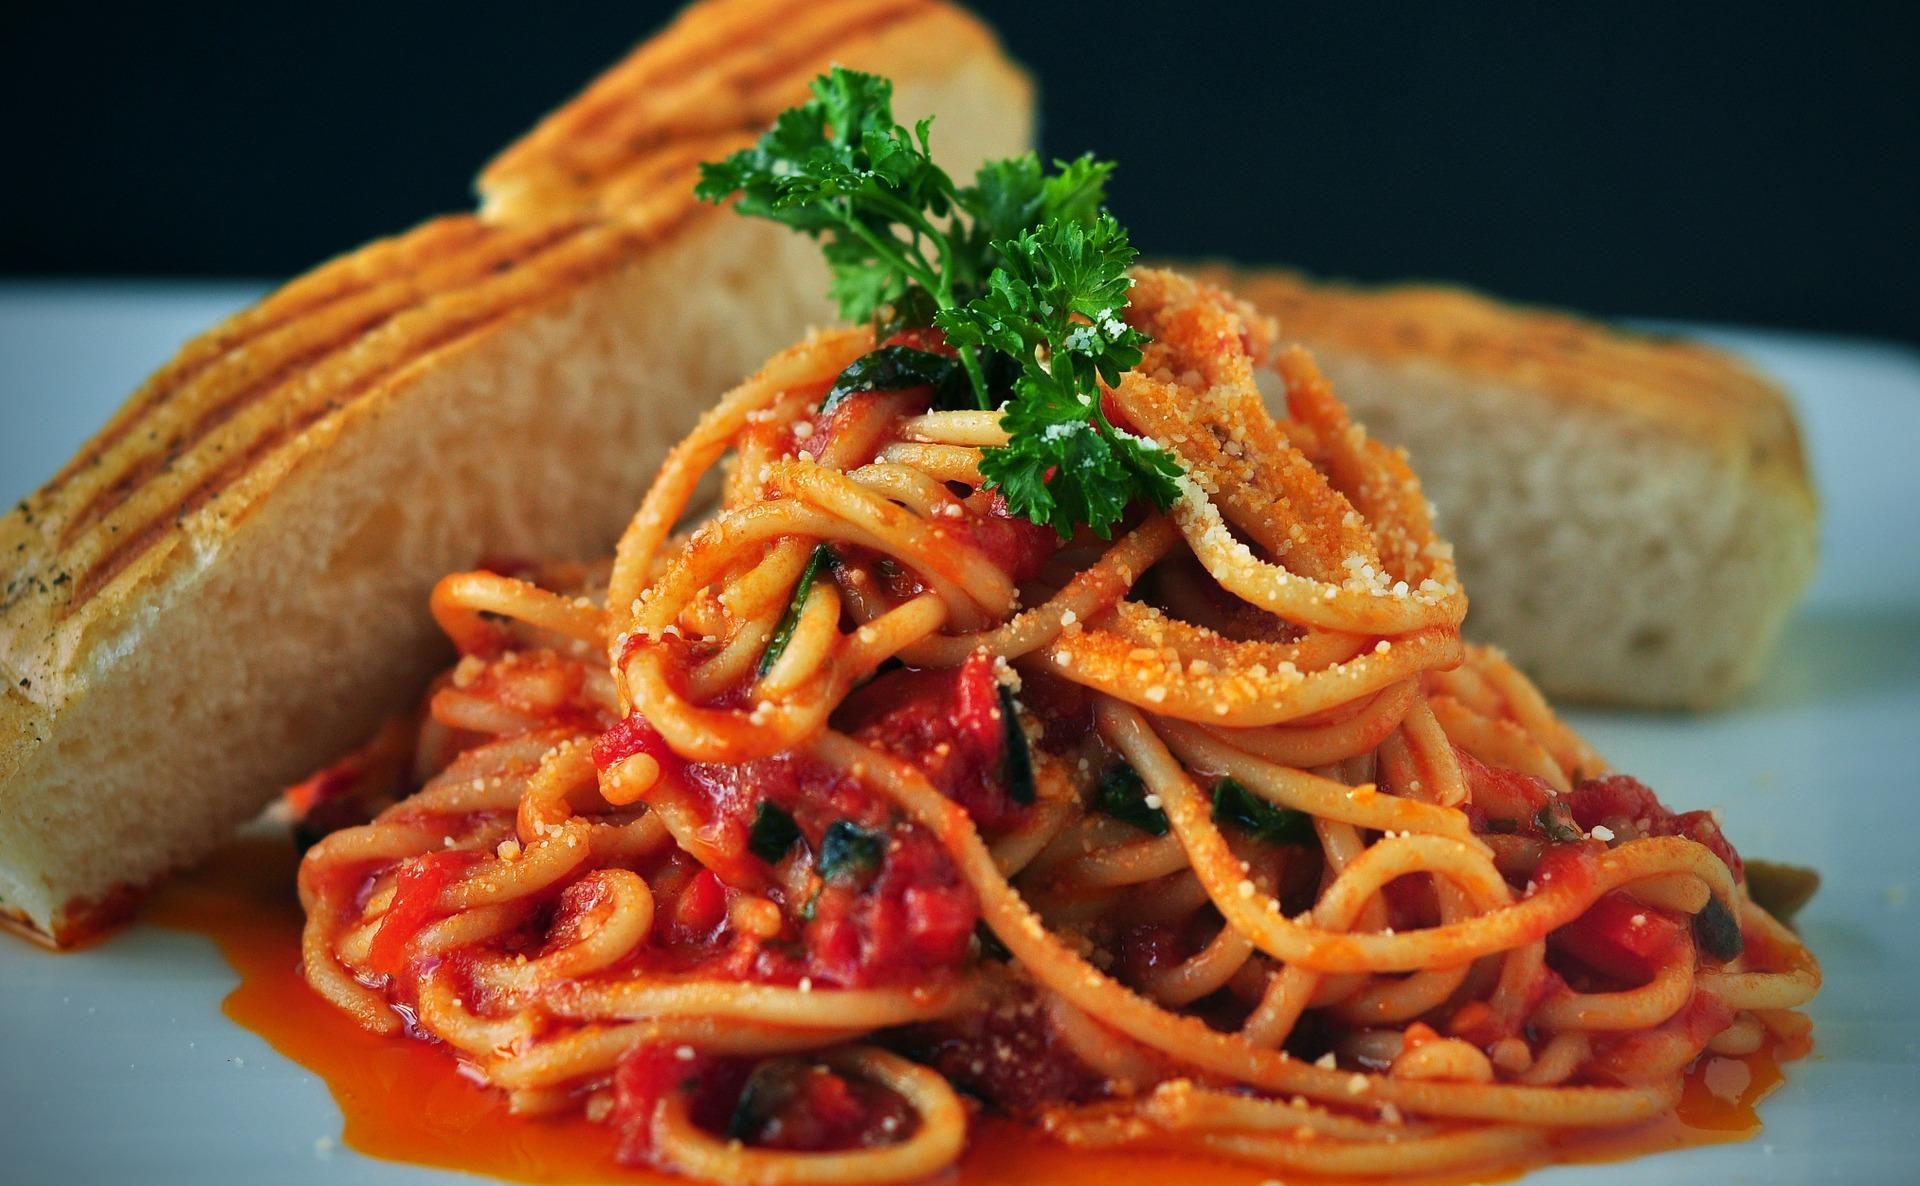 Celiac Disease Diet: Foods To Eat & Avoid - David Avocado ...